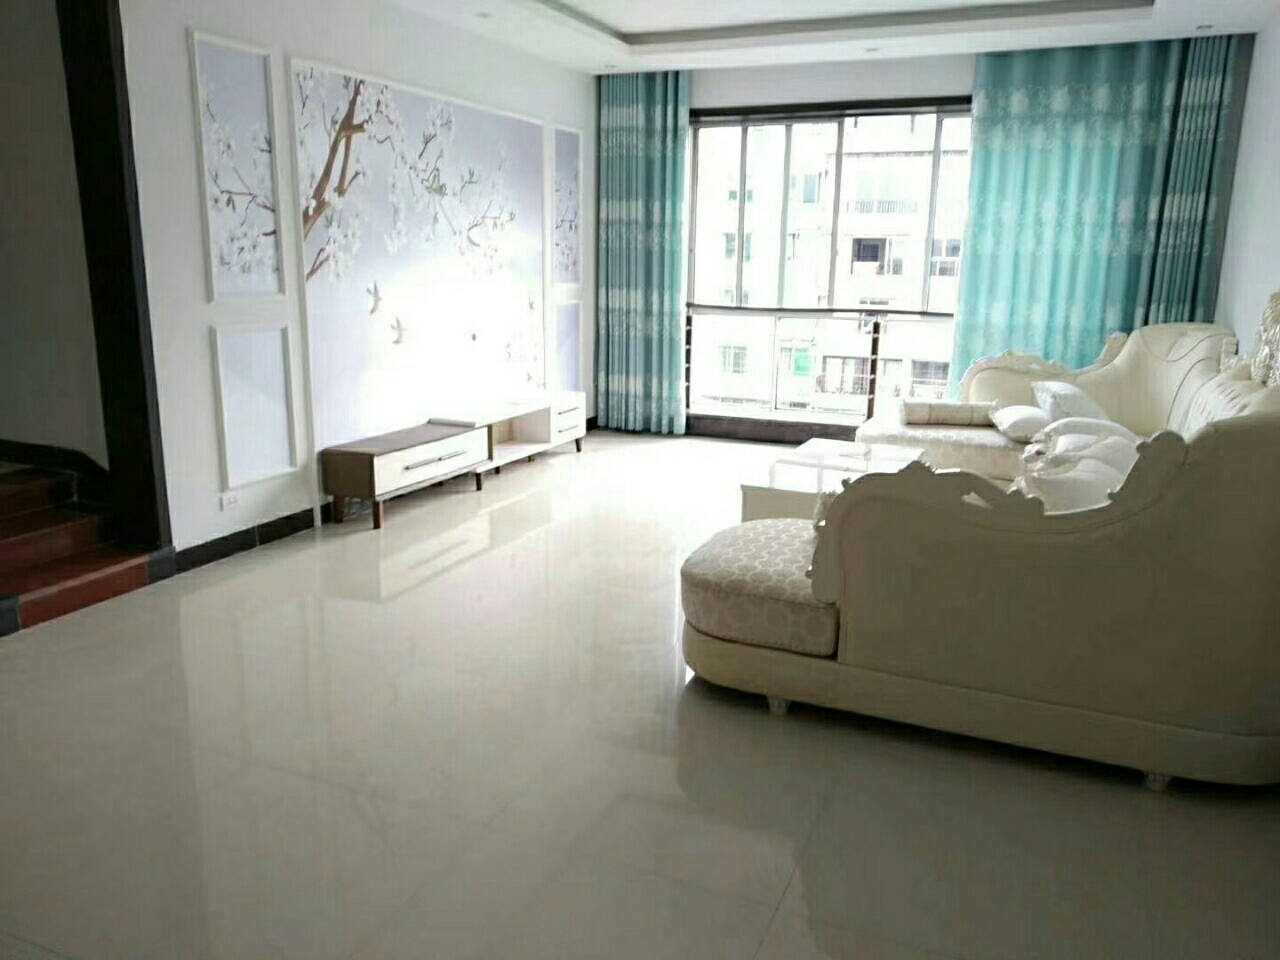 明珠花园4室 2厅 2卫63.8万元